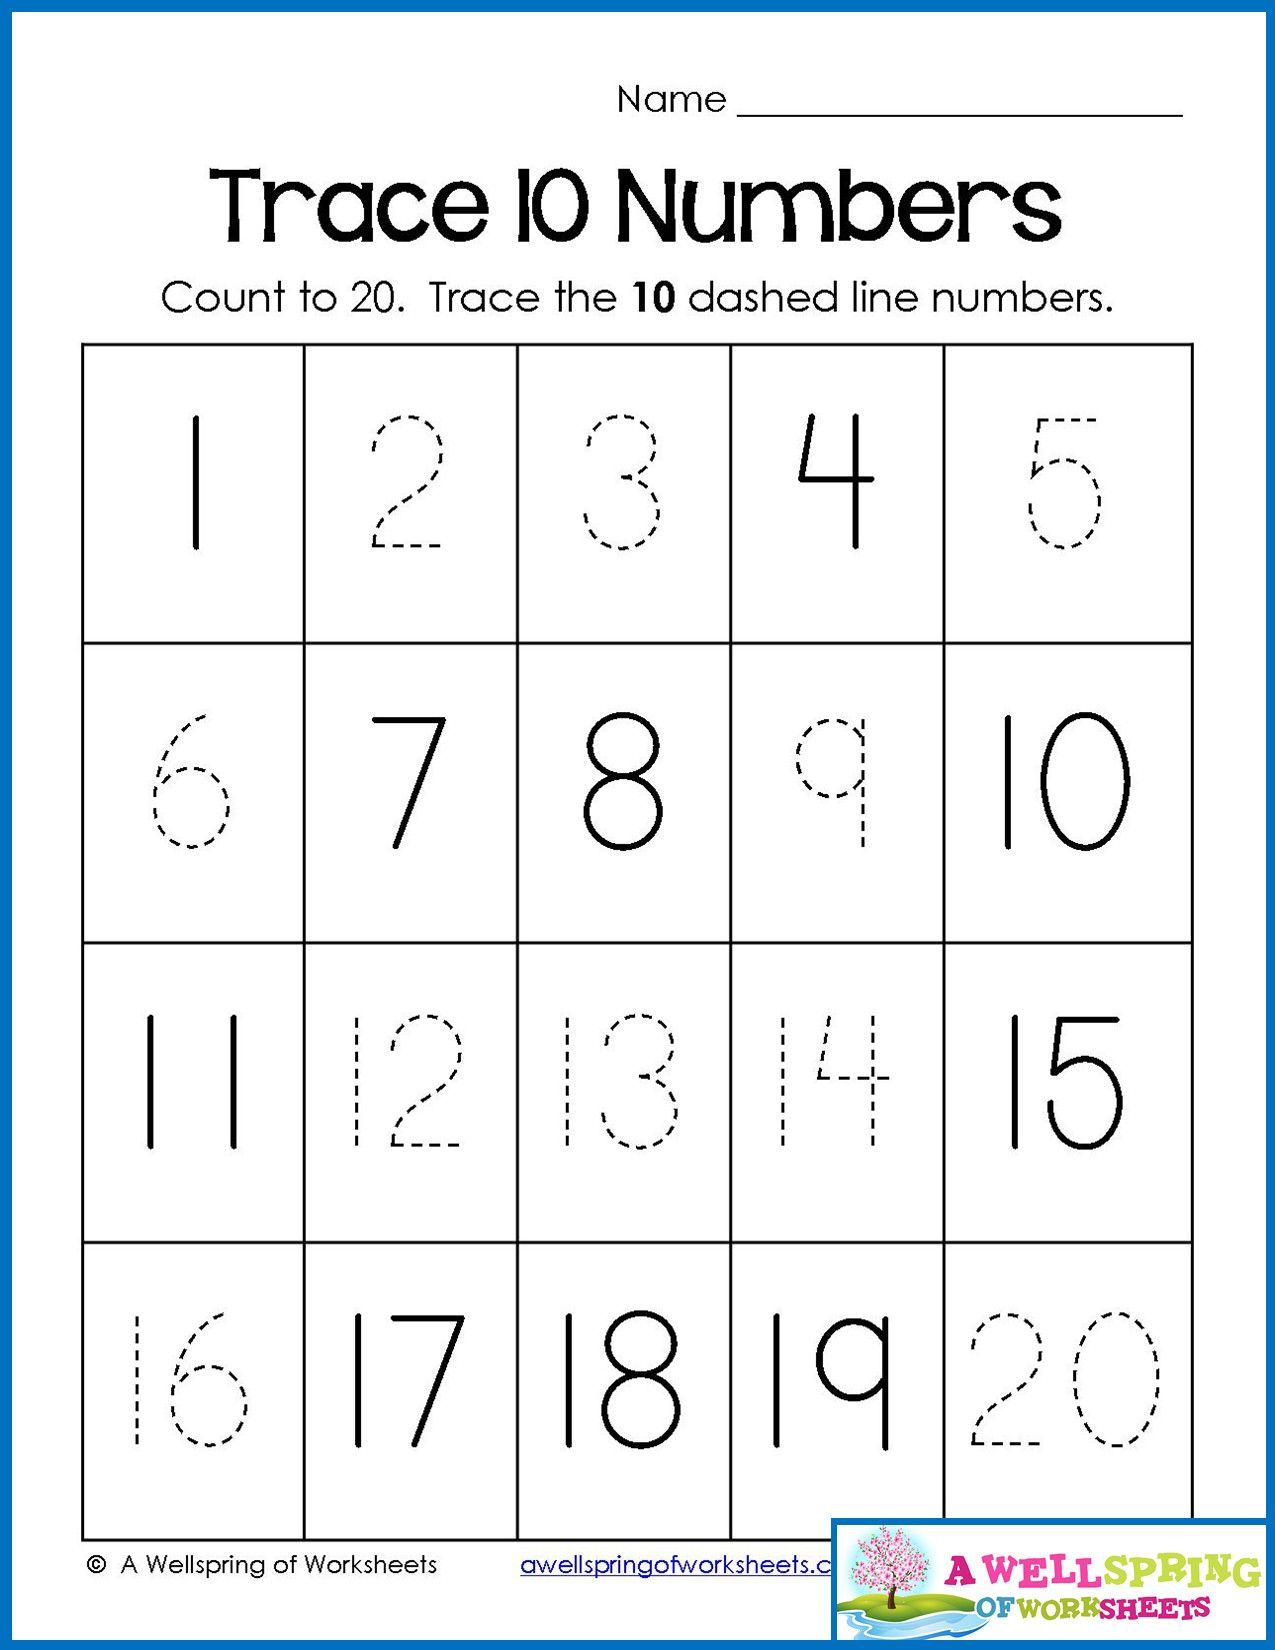 7 Spanish Preschool Worksheets Number 3 In 2020 Number Worksheets Kindergarten Writing Numbers Counting Worksheets